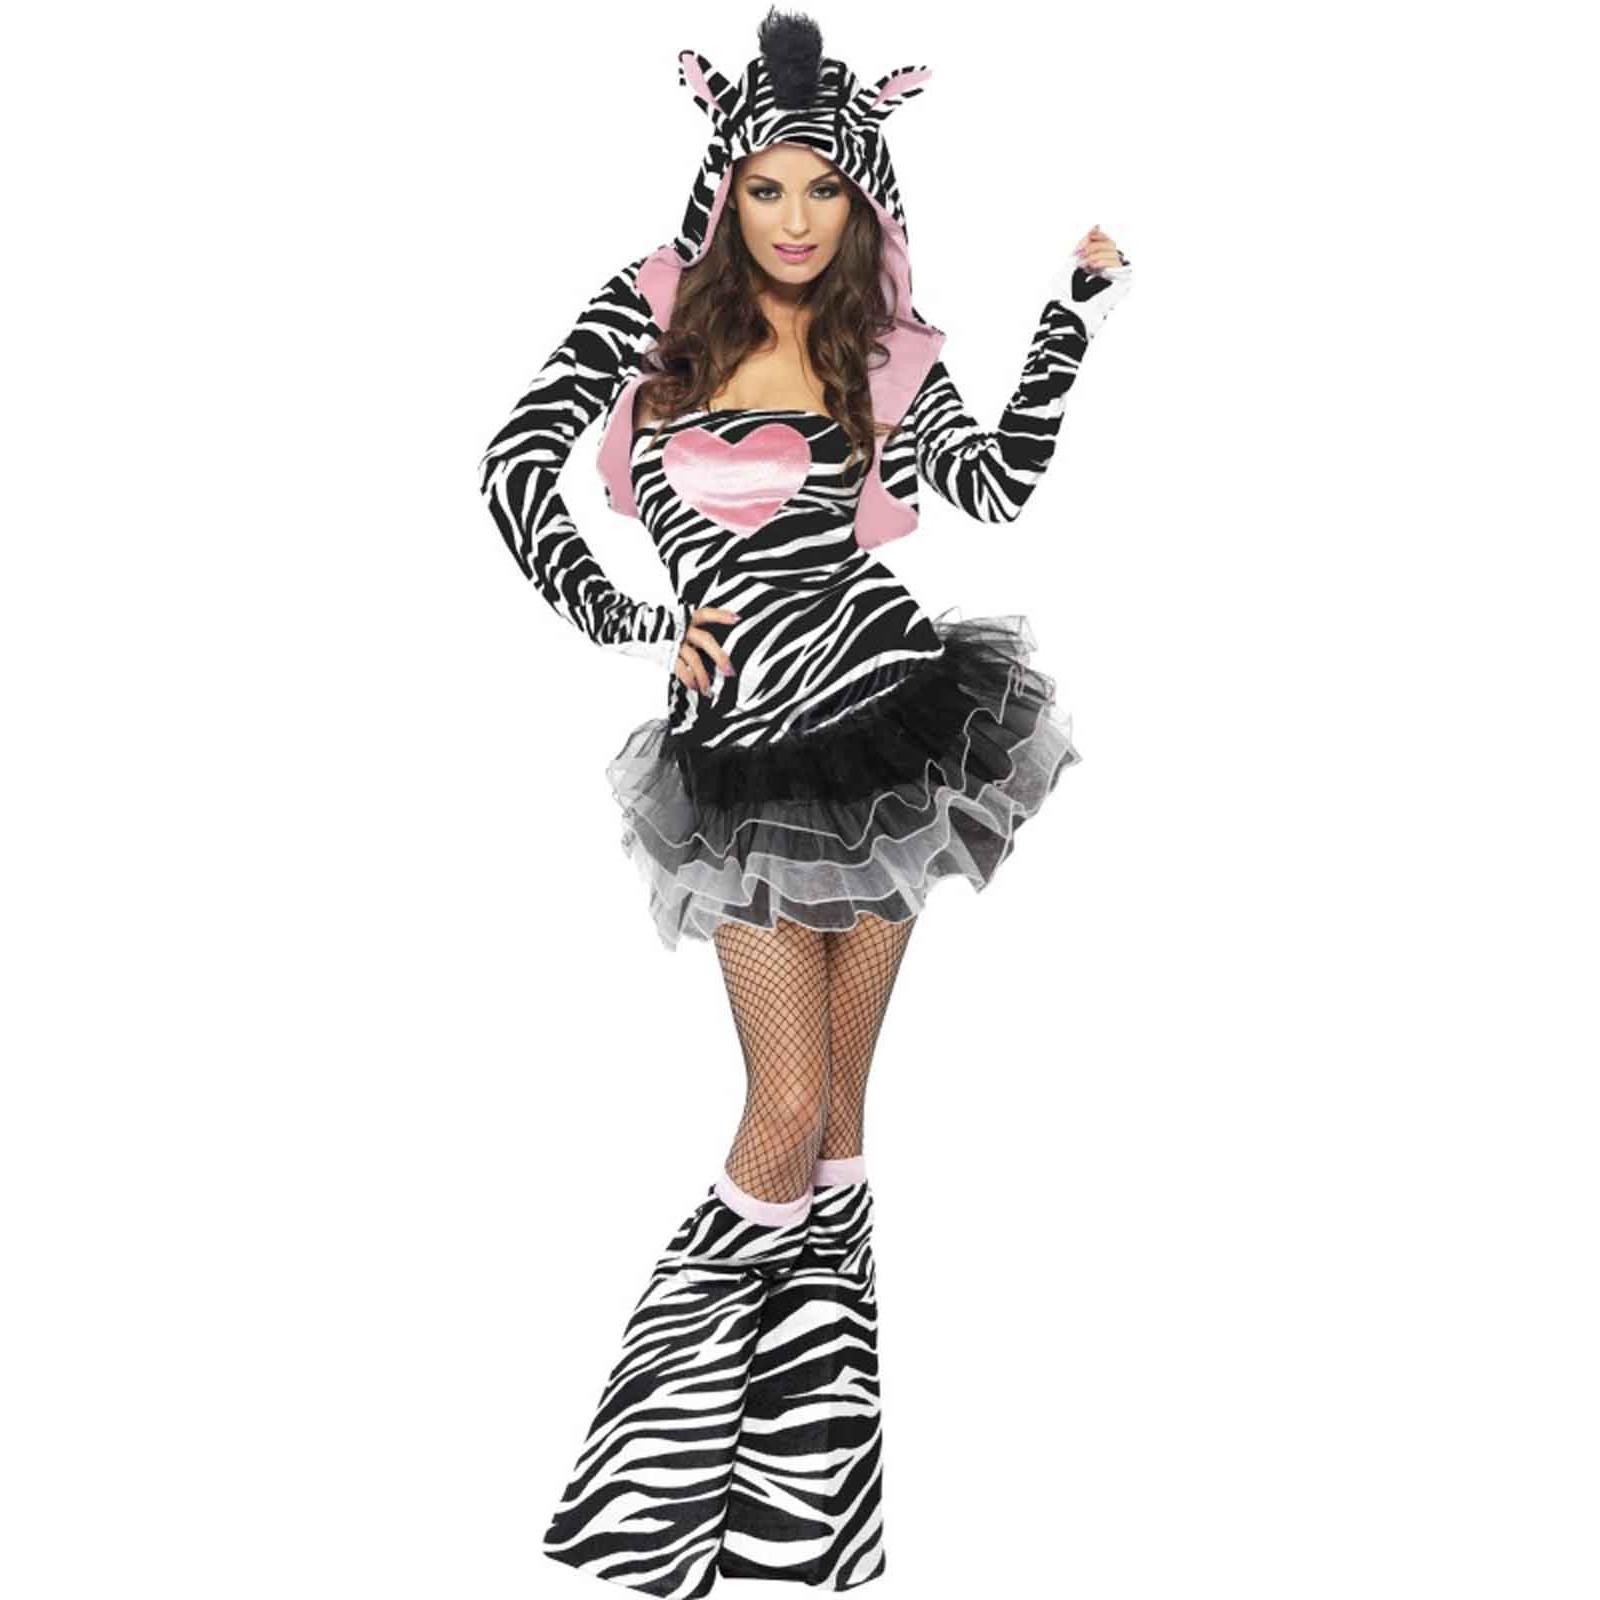 Costume Zebra  sc 1 st  The Geeky Hostess & Weirdest